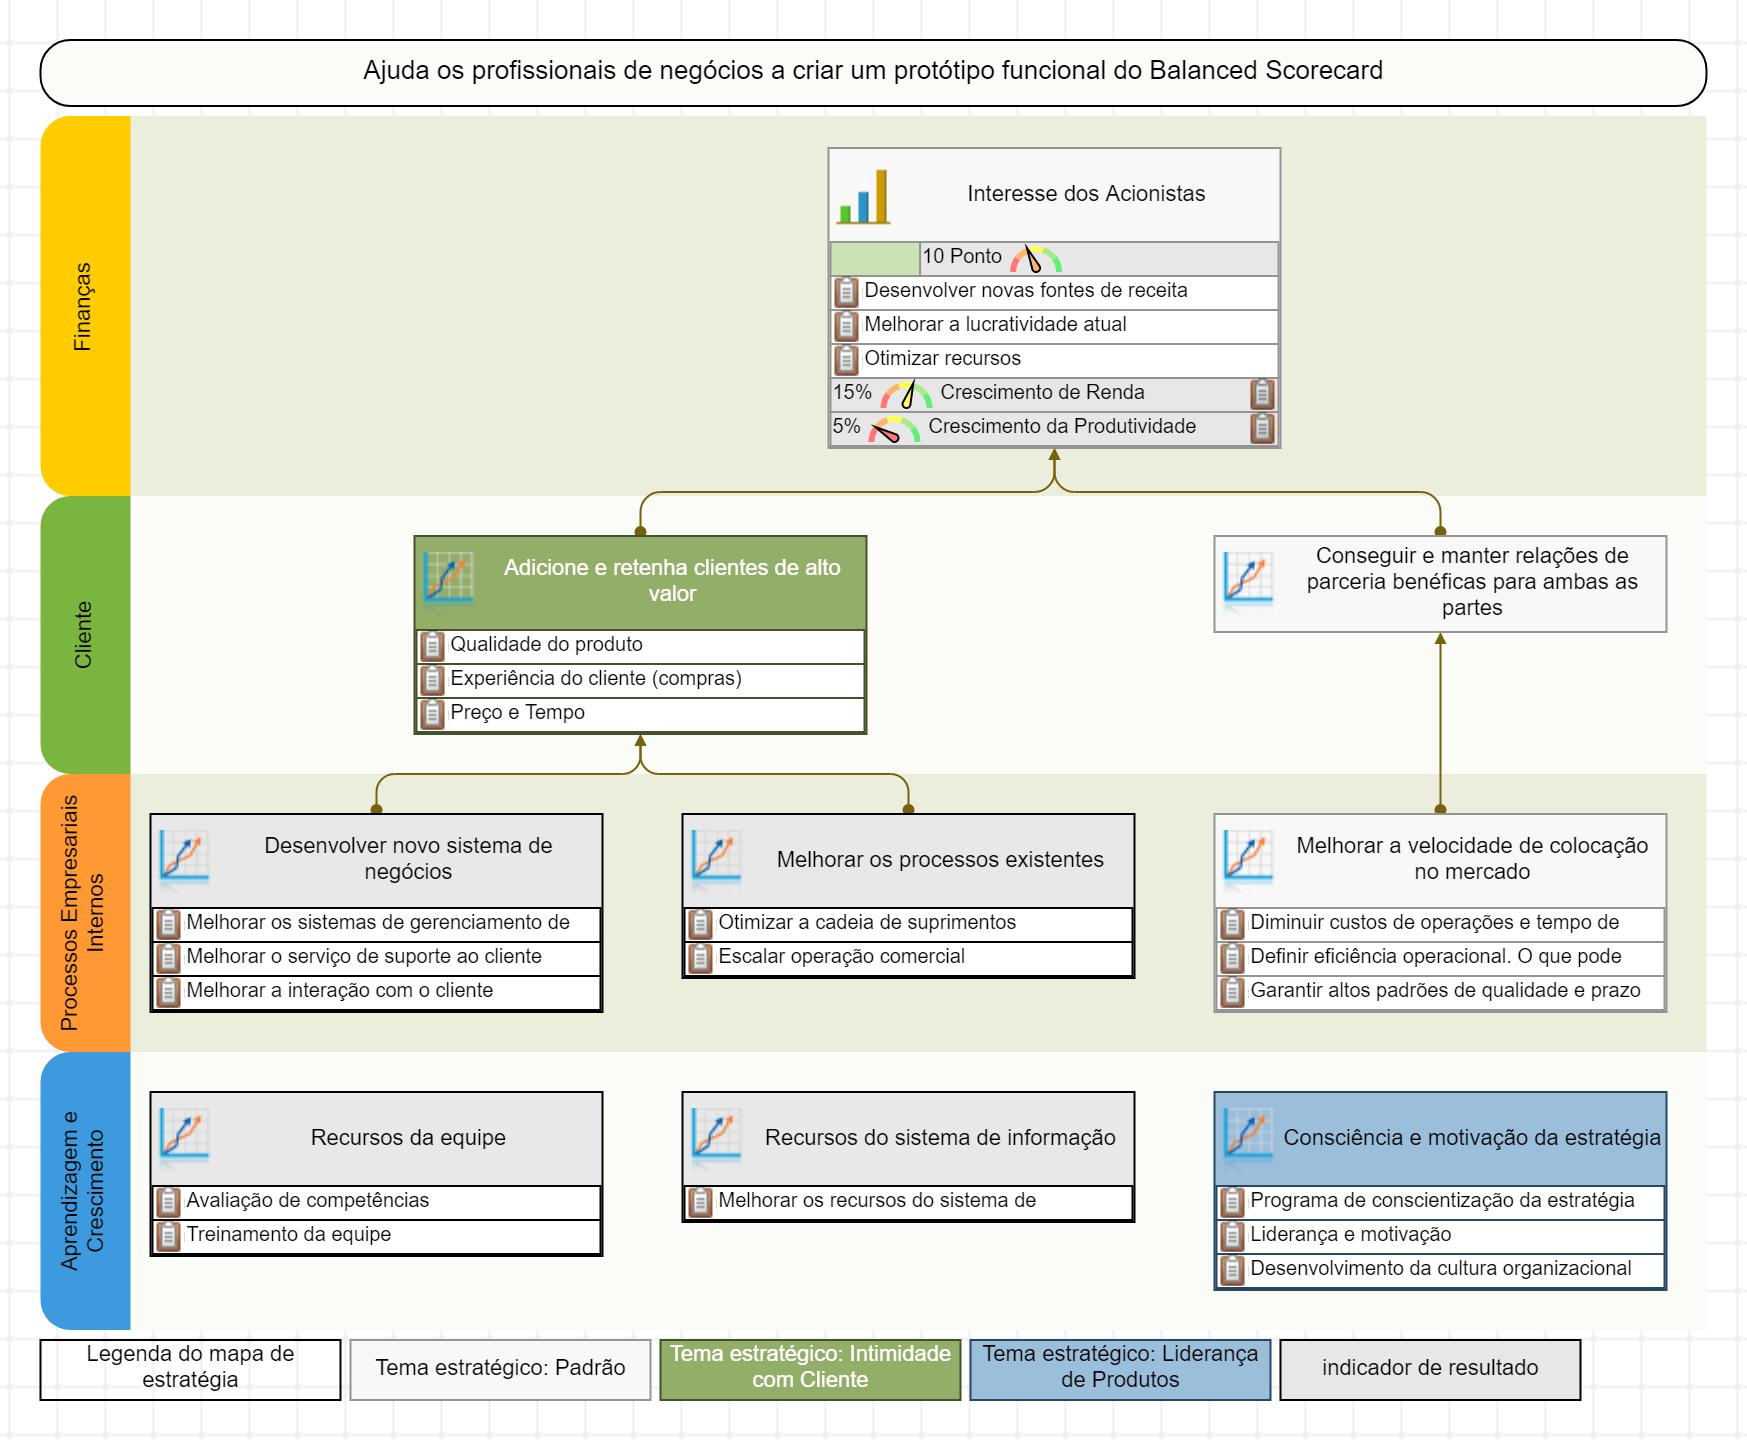 O mapa estratégico do Balanced Scorecard com quatro perspectivas